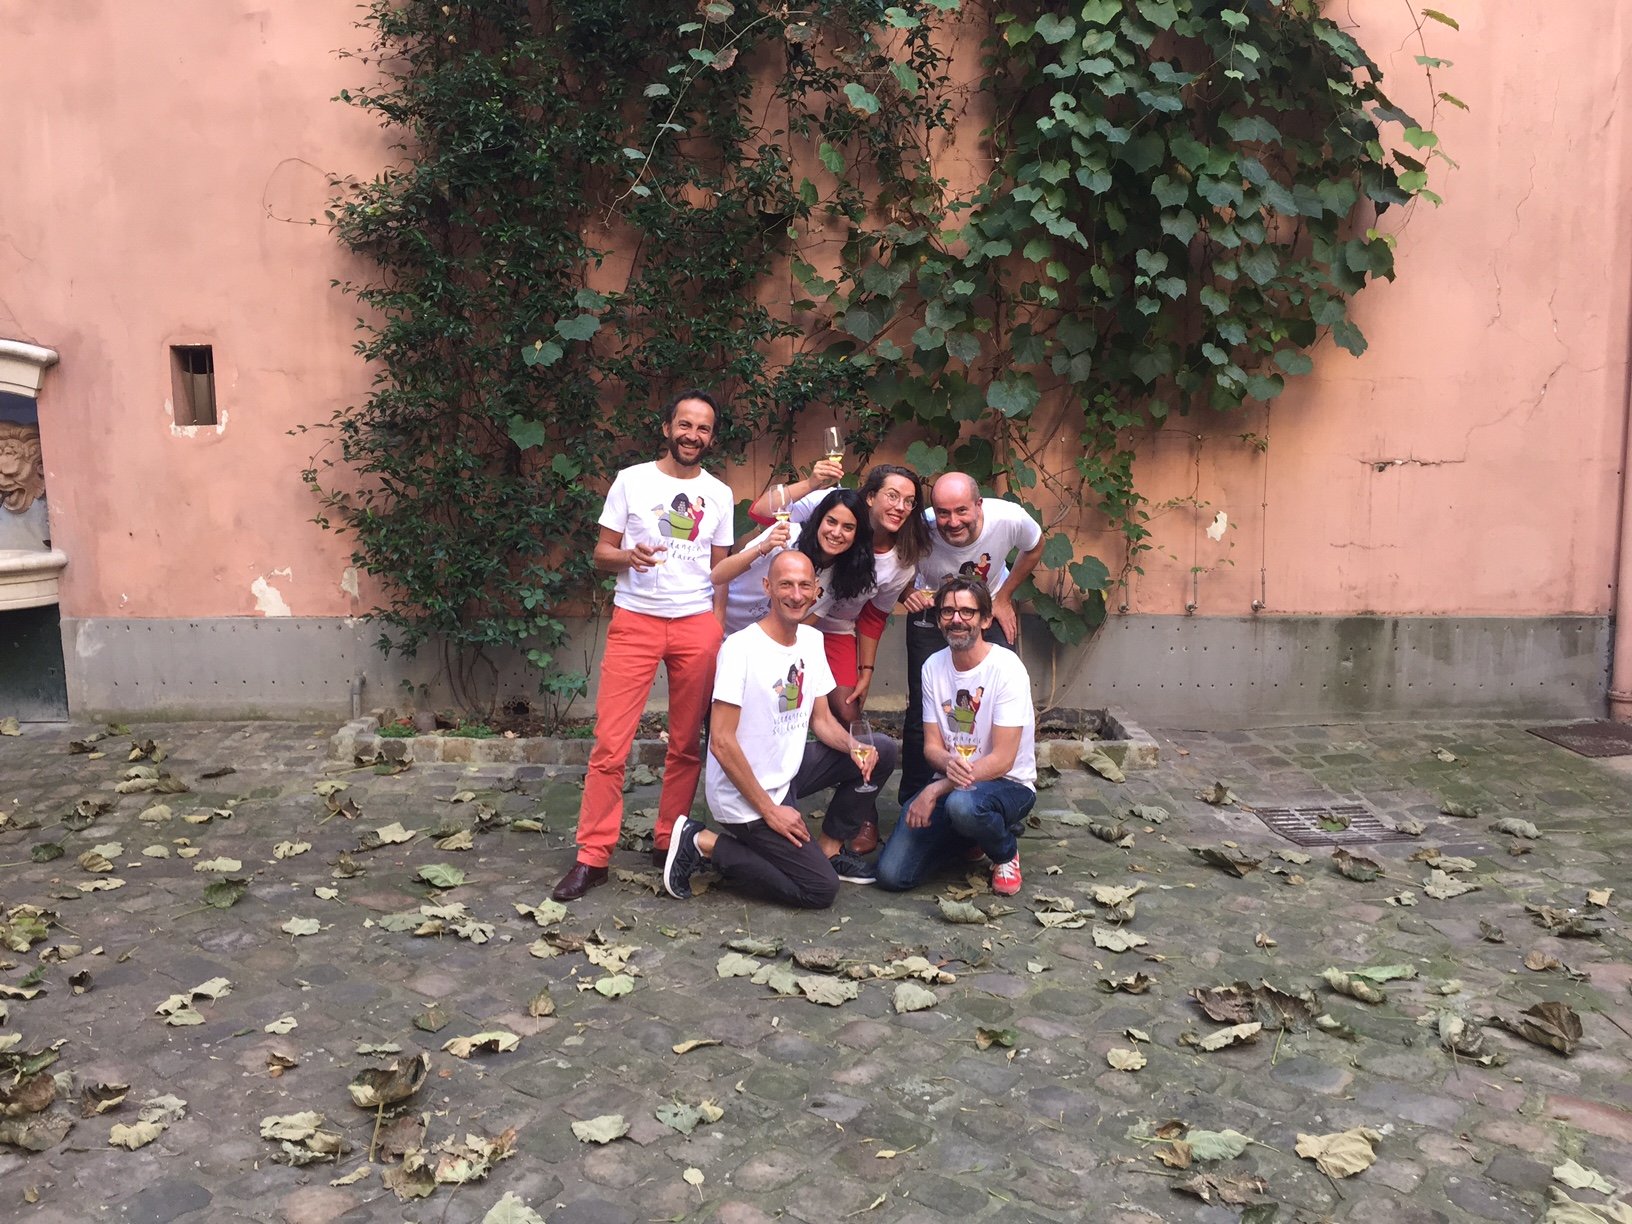 L'équipe des Vendanges solidaires